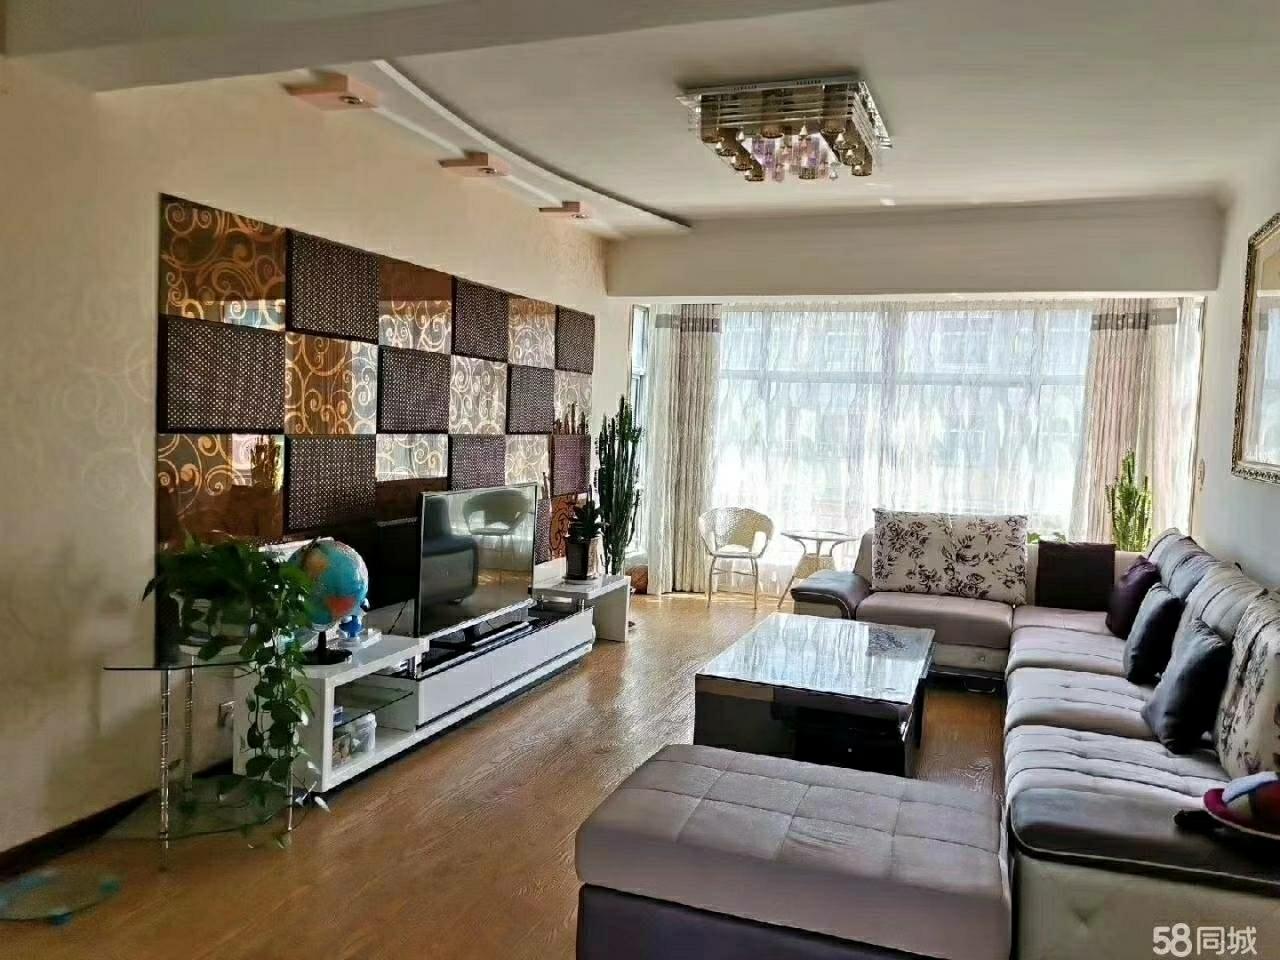 龙兴源小区128平米5楼精3室2厅2卫75万元